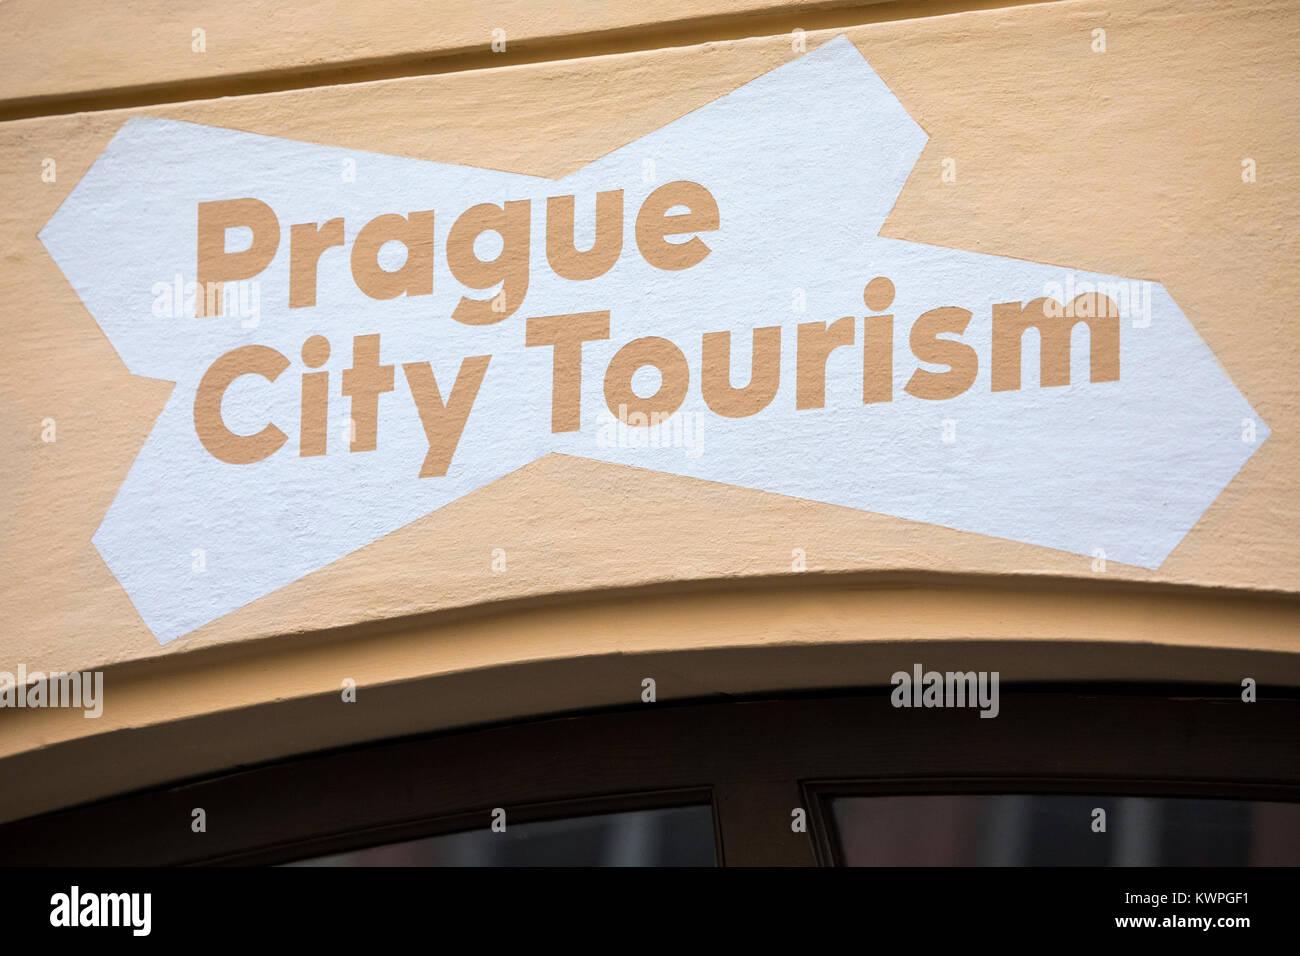 PRAGUE, RÉPUBLIQUE TCHÈQUE - 23 décembre 2017: Le signe officiel du tourisme de Prague dans Photo Stock